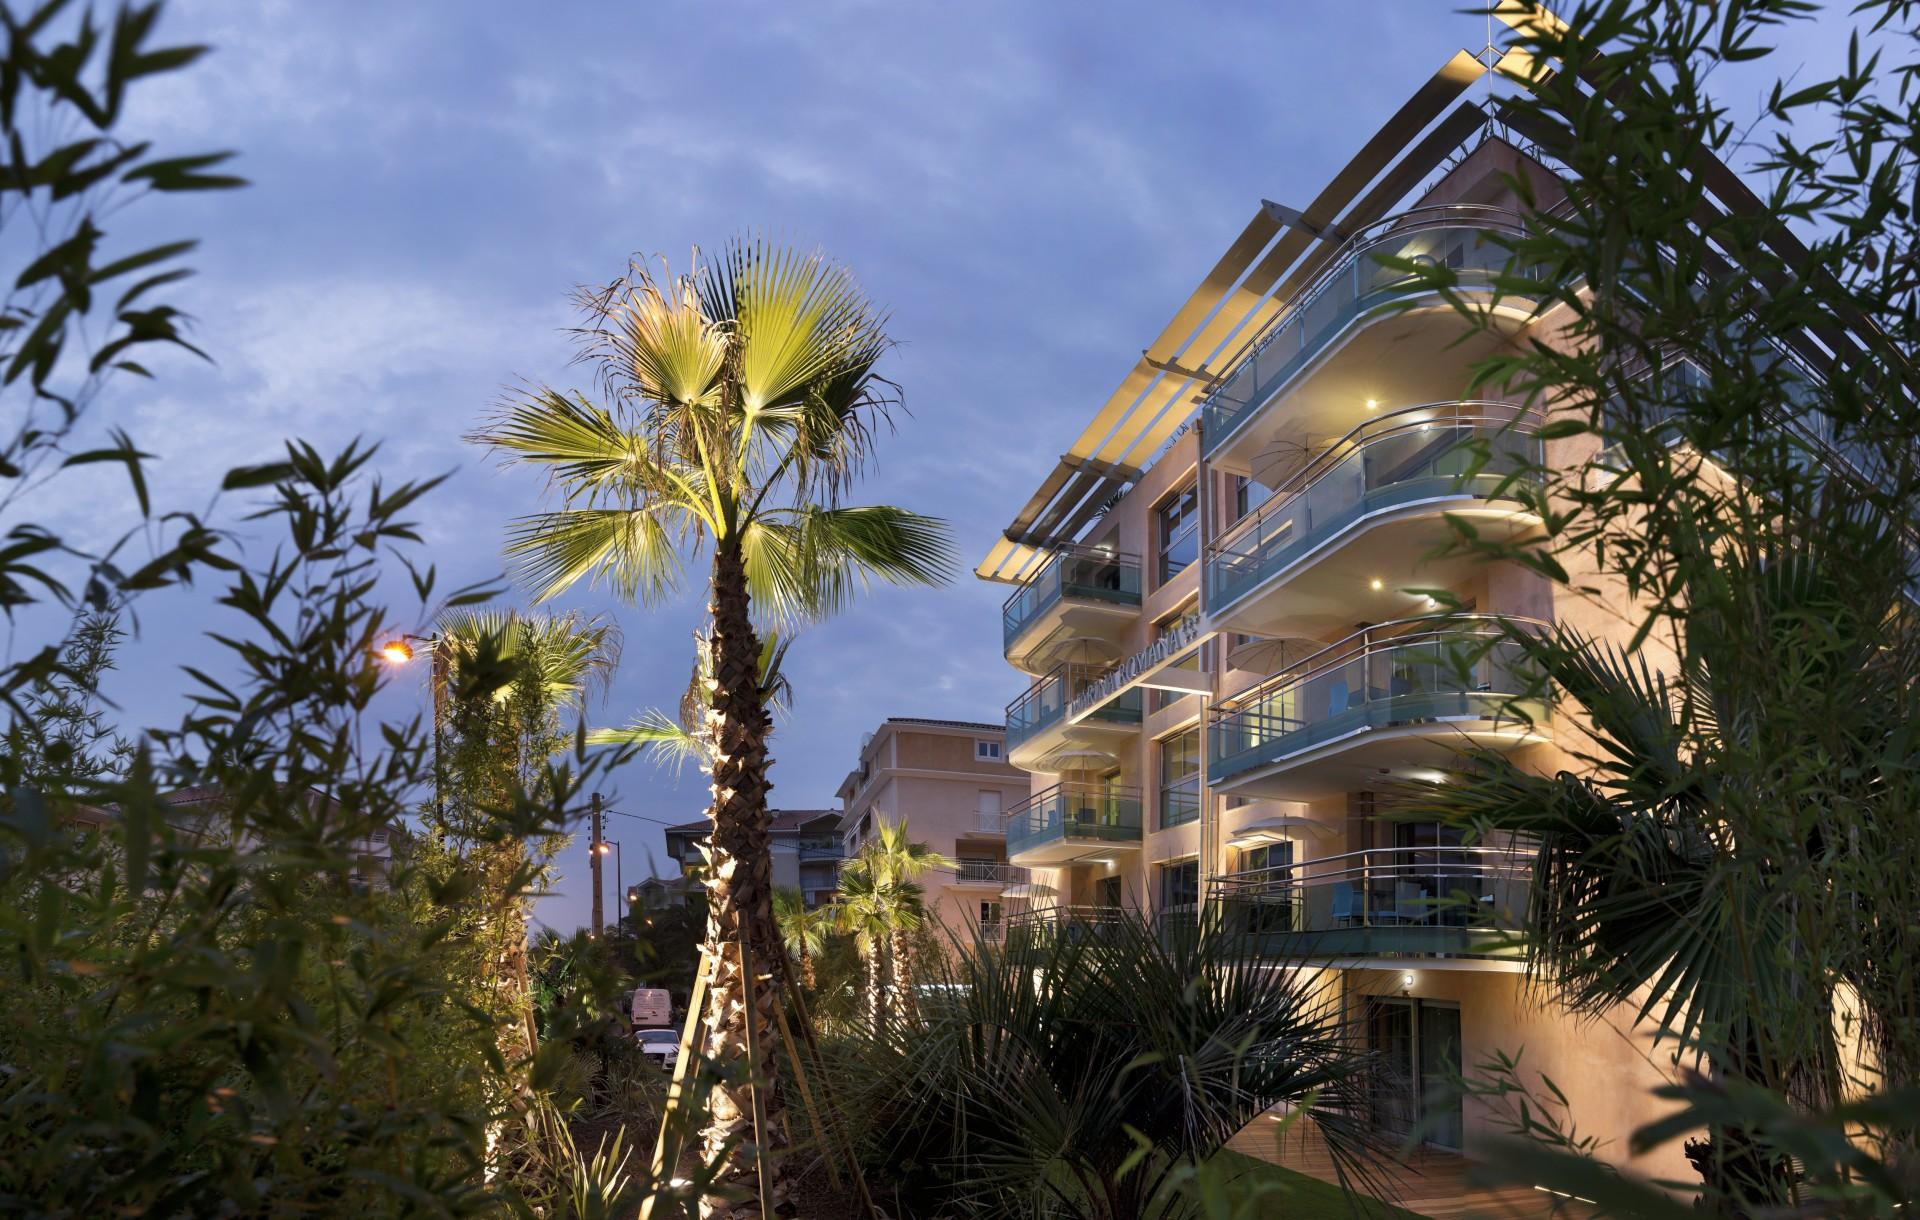 Saint Raphaël Location Appartement Dans Résidence Luxe Serratule Extérieur